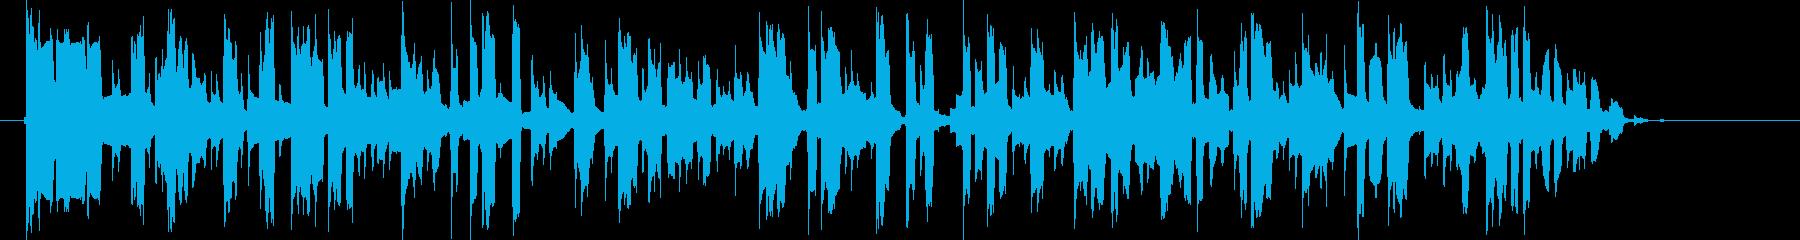 宇宙や近未来感のある音(通信、マシーン)の再生済みの波形